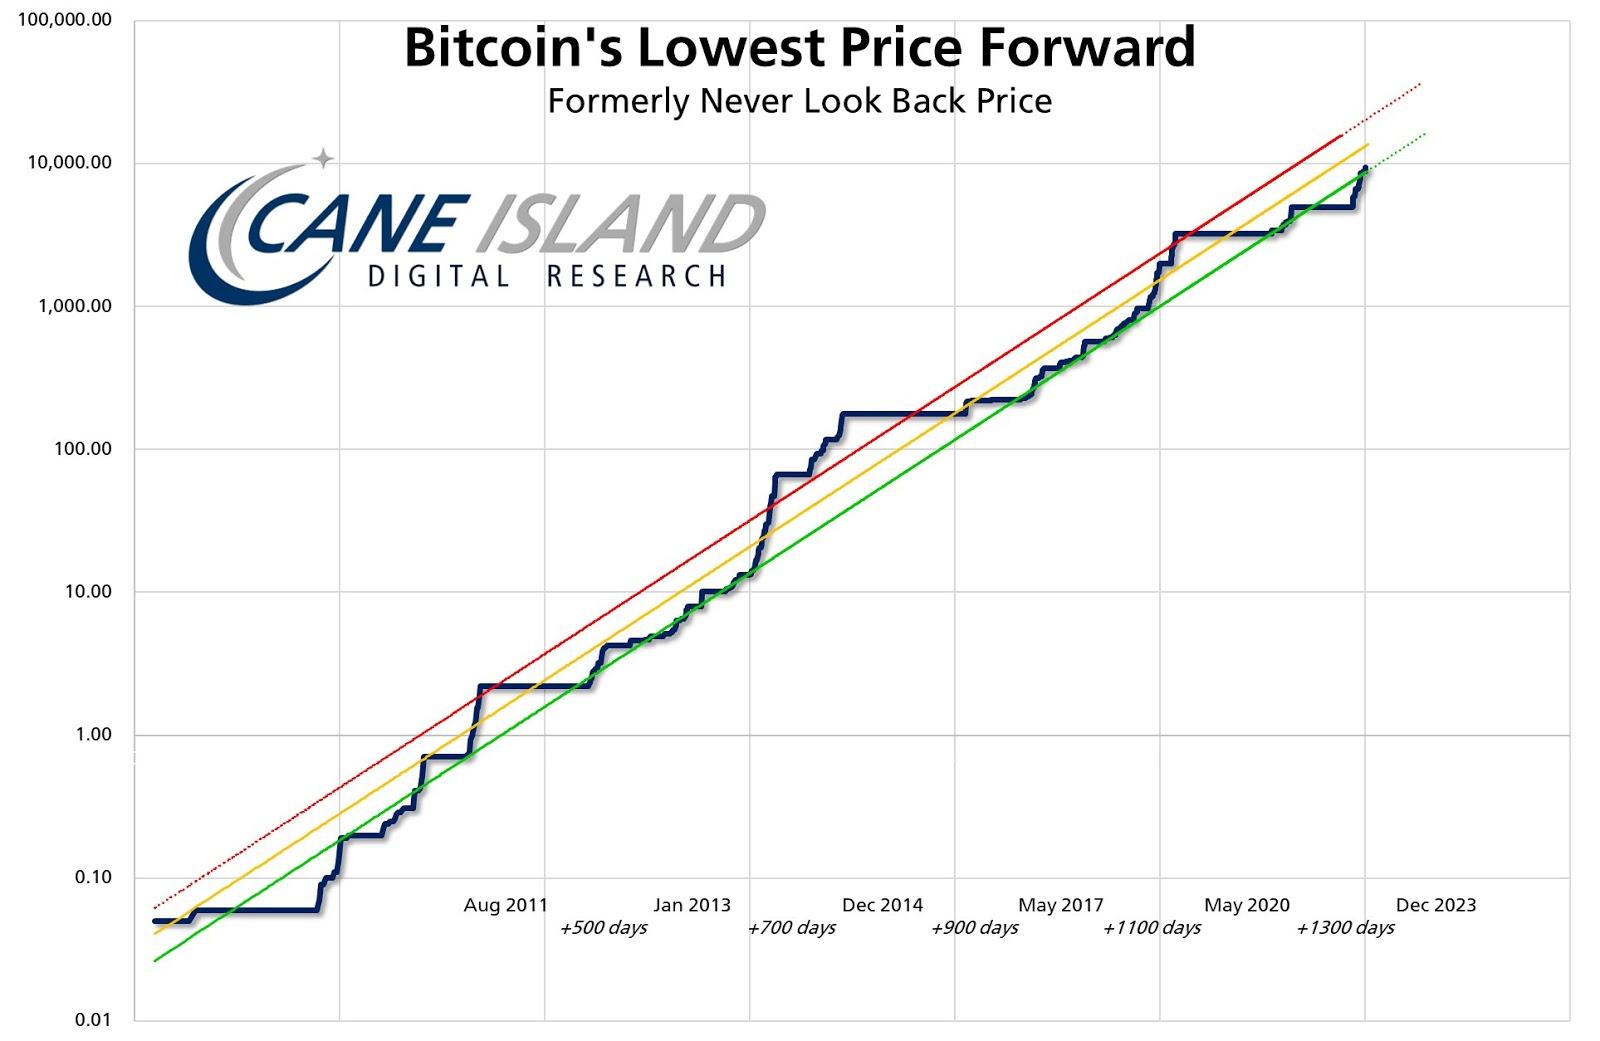 BTC/USD lowest price forward chart